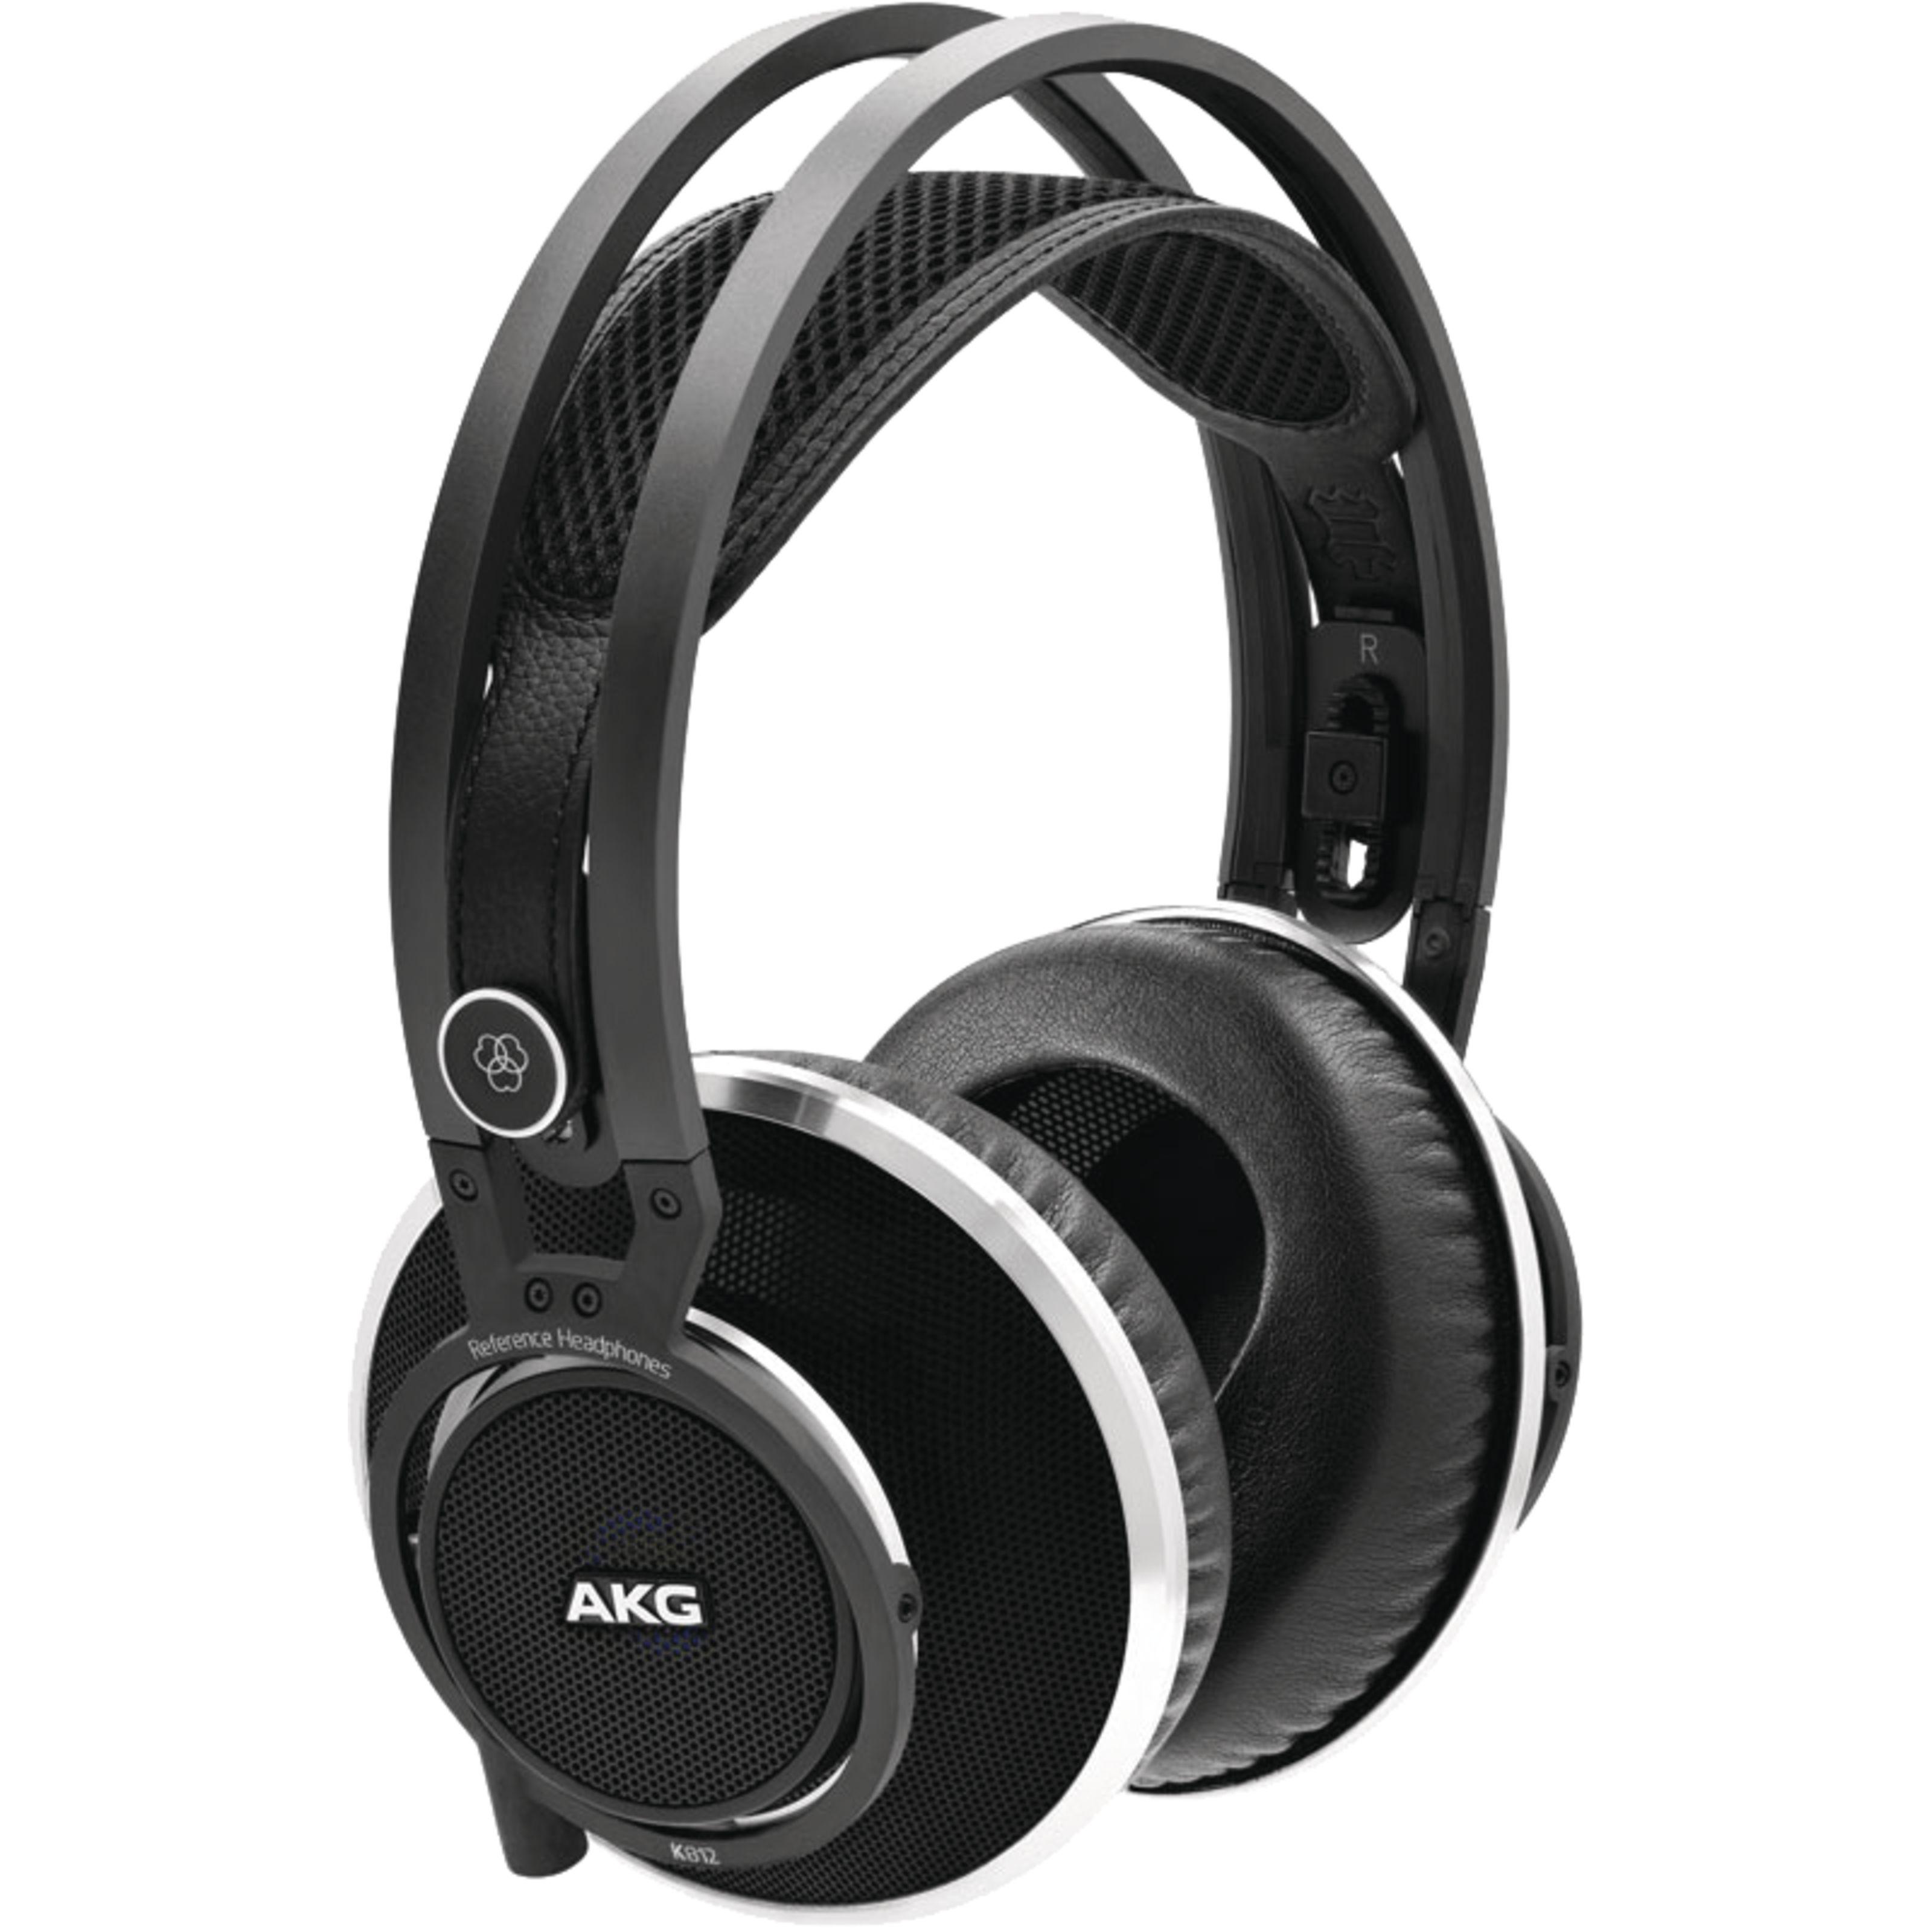 AKG - K812 offener High-End Kopfhörer AKGK812